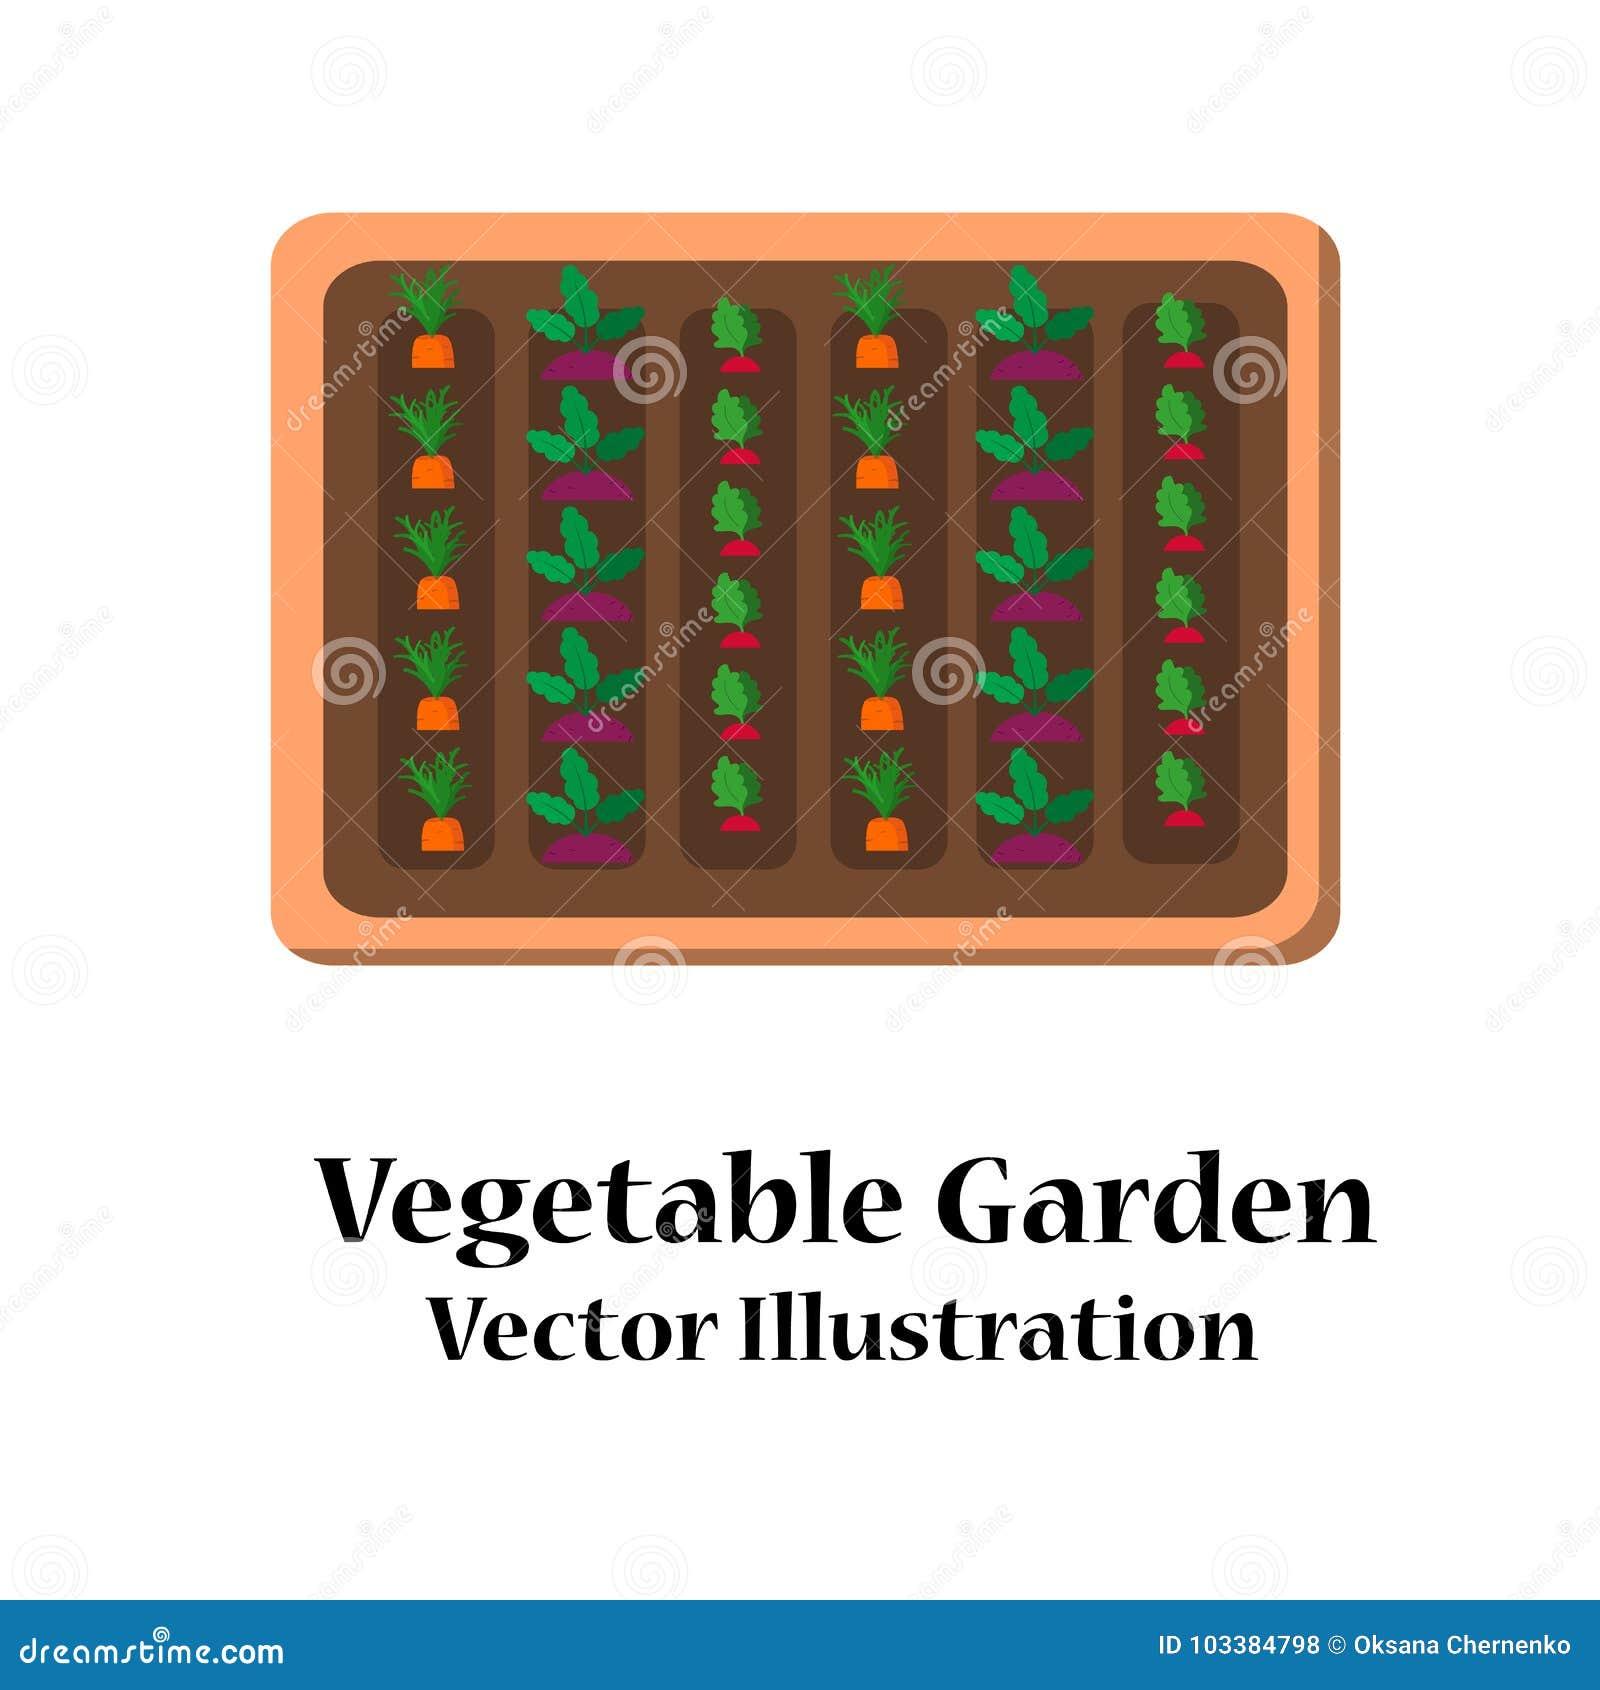 Vegetable Garden Planner Flat Design Stock Vector Illustration